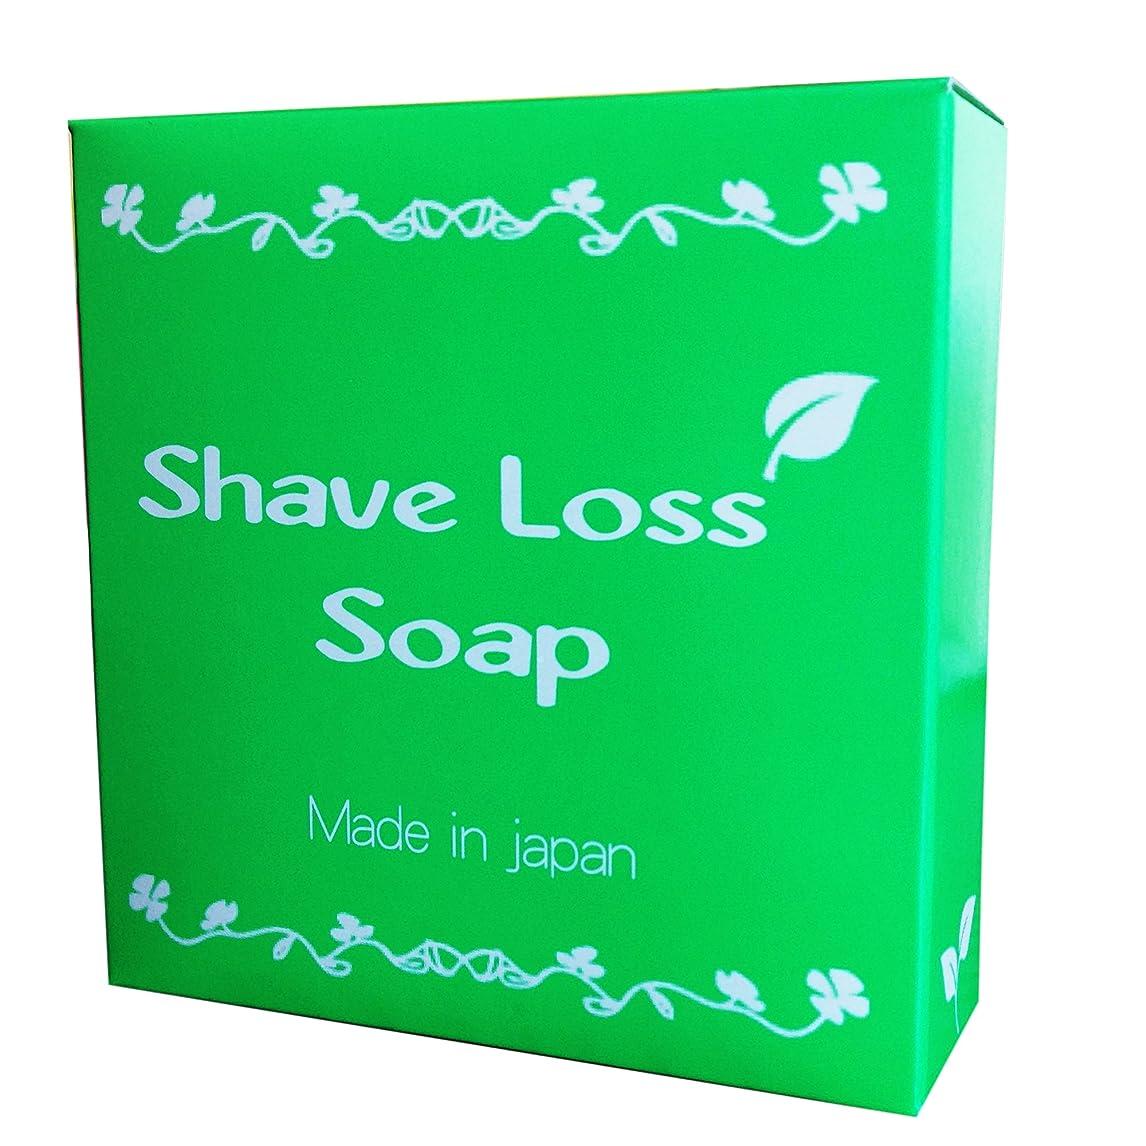 修正検査官インディカShave Loss Soap 女性のツルツルを叶える 奇跡の石鹸 80g (1個)